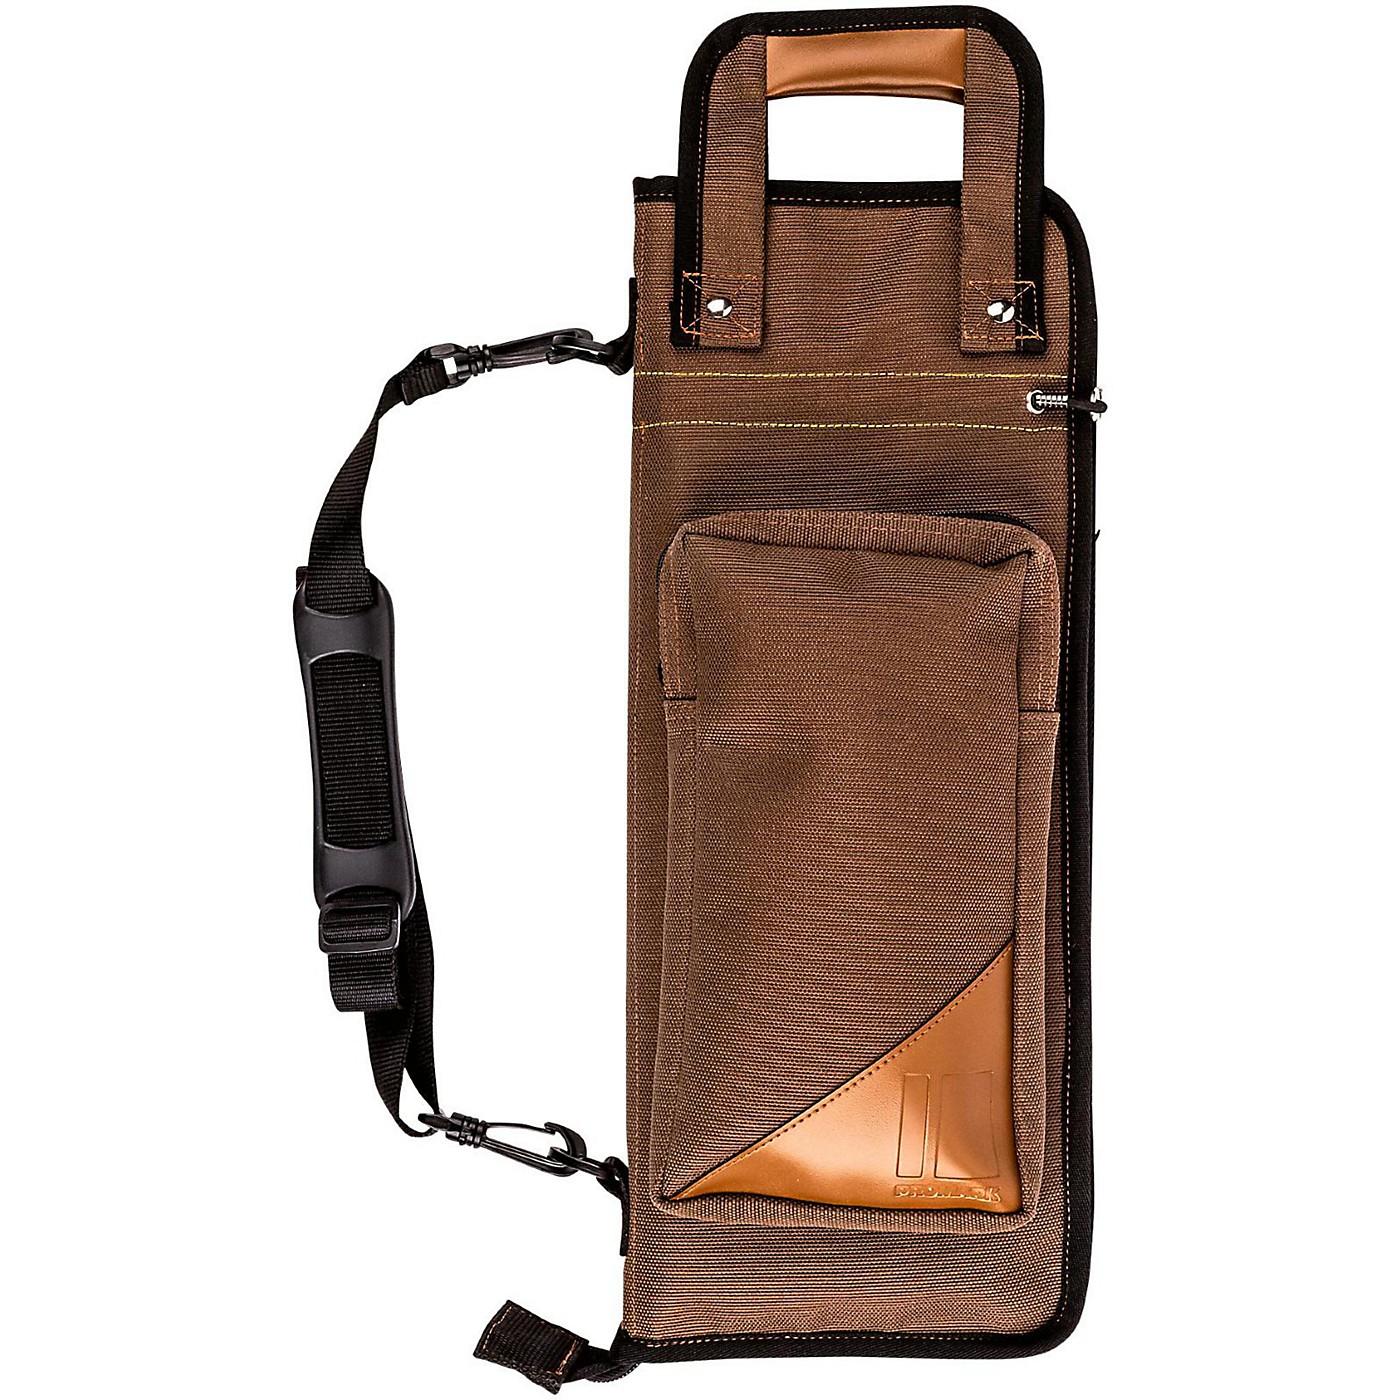 Promark TDSB Transport Deluxe Stick Bag thumbnail